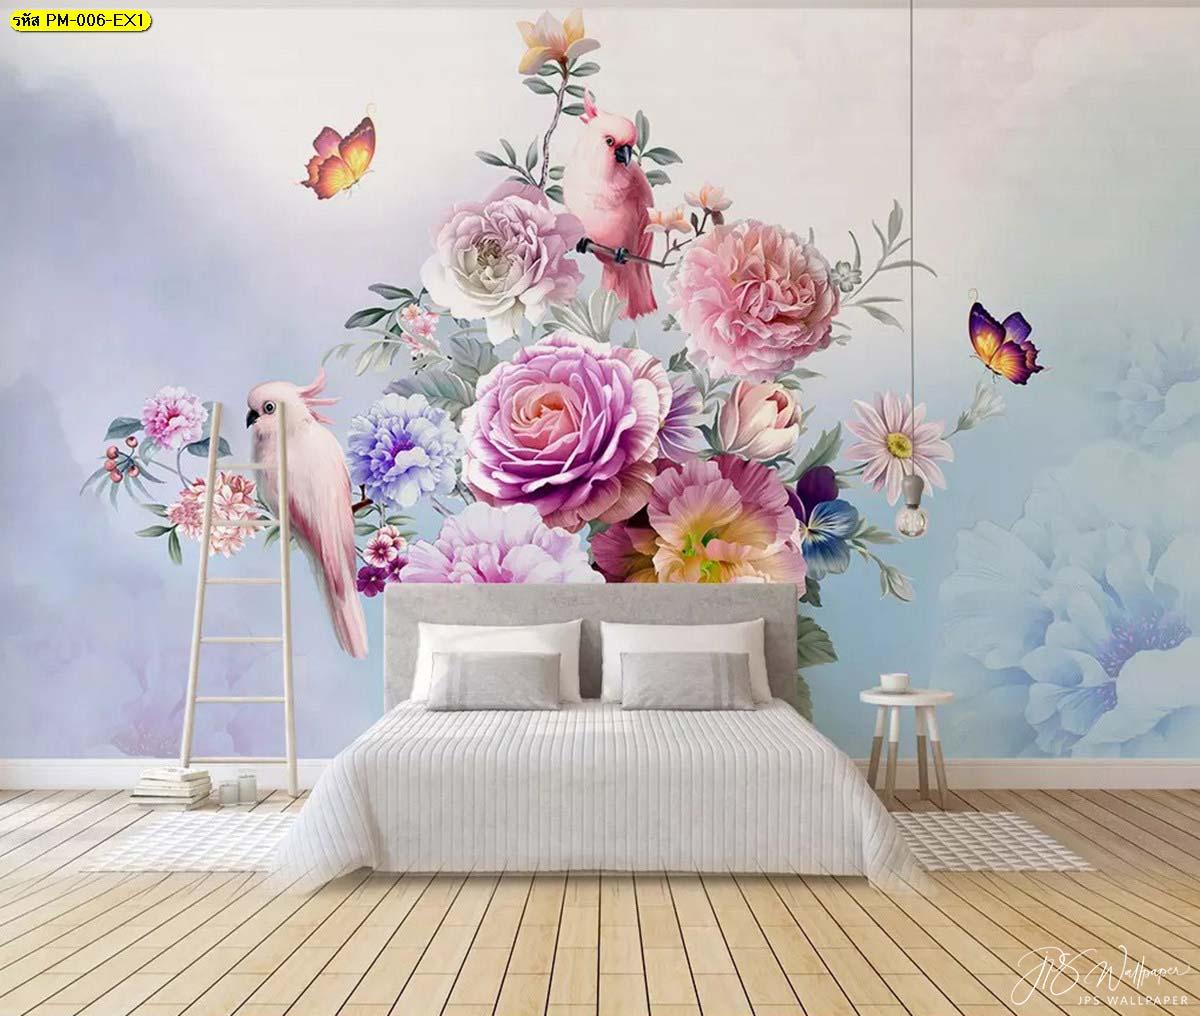 ห้องนอน แต่งผนังสวยหรู วอลเปเปอร์ลายสวนดอกไม้สไตล์อังกฤษ